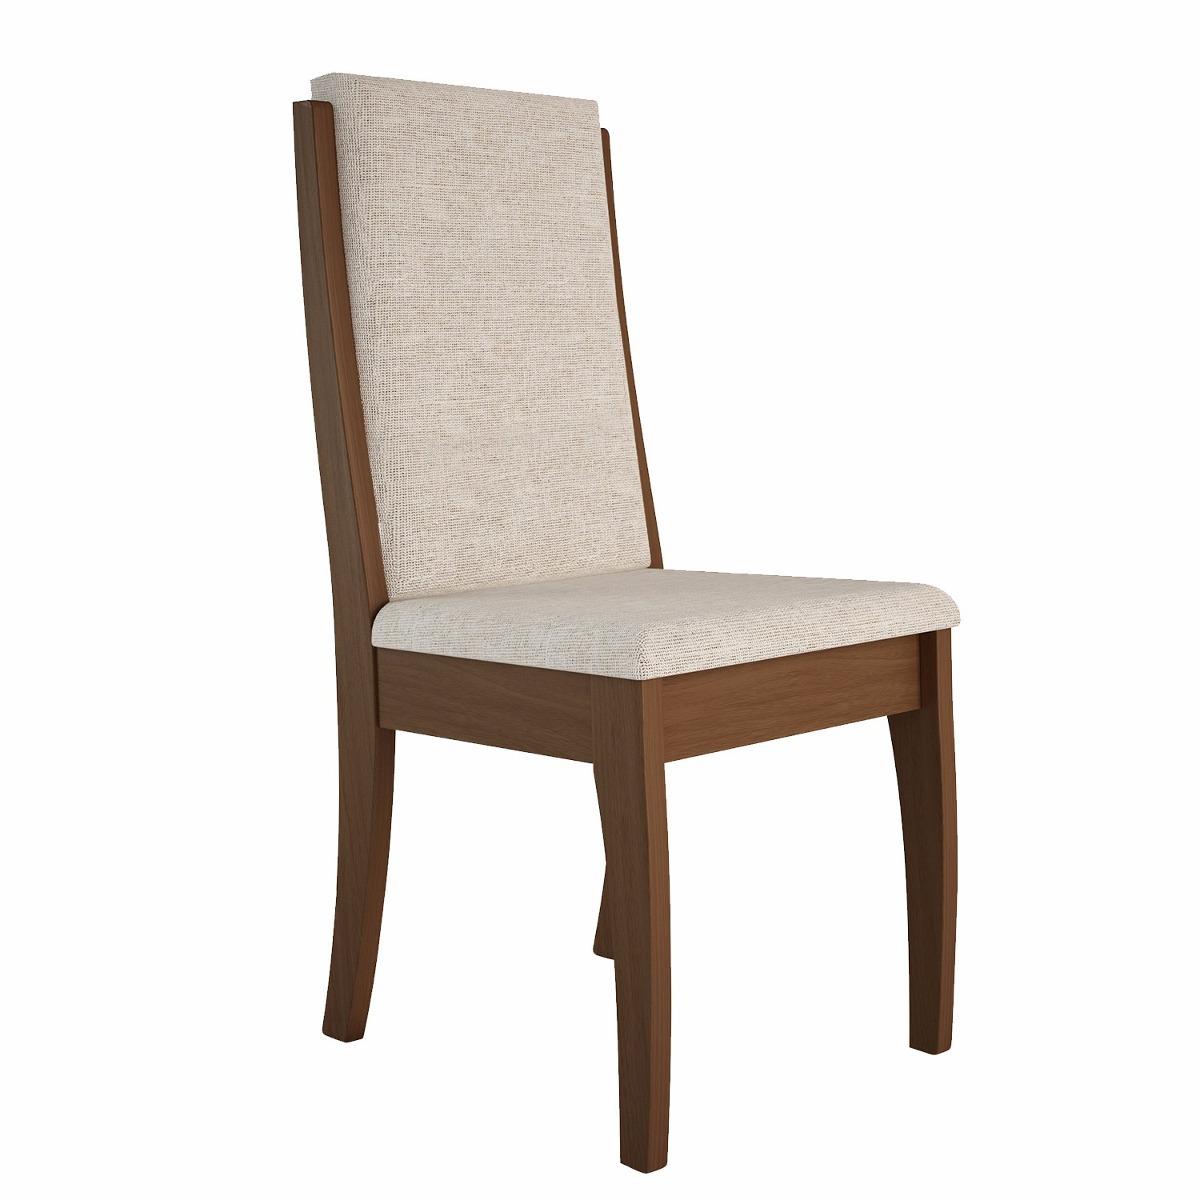 Bonito tapizar sillas de comedor fotos aprende a tapizar - Tela para tapizar sillas ...